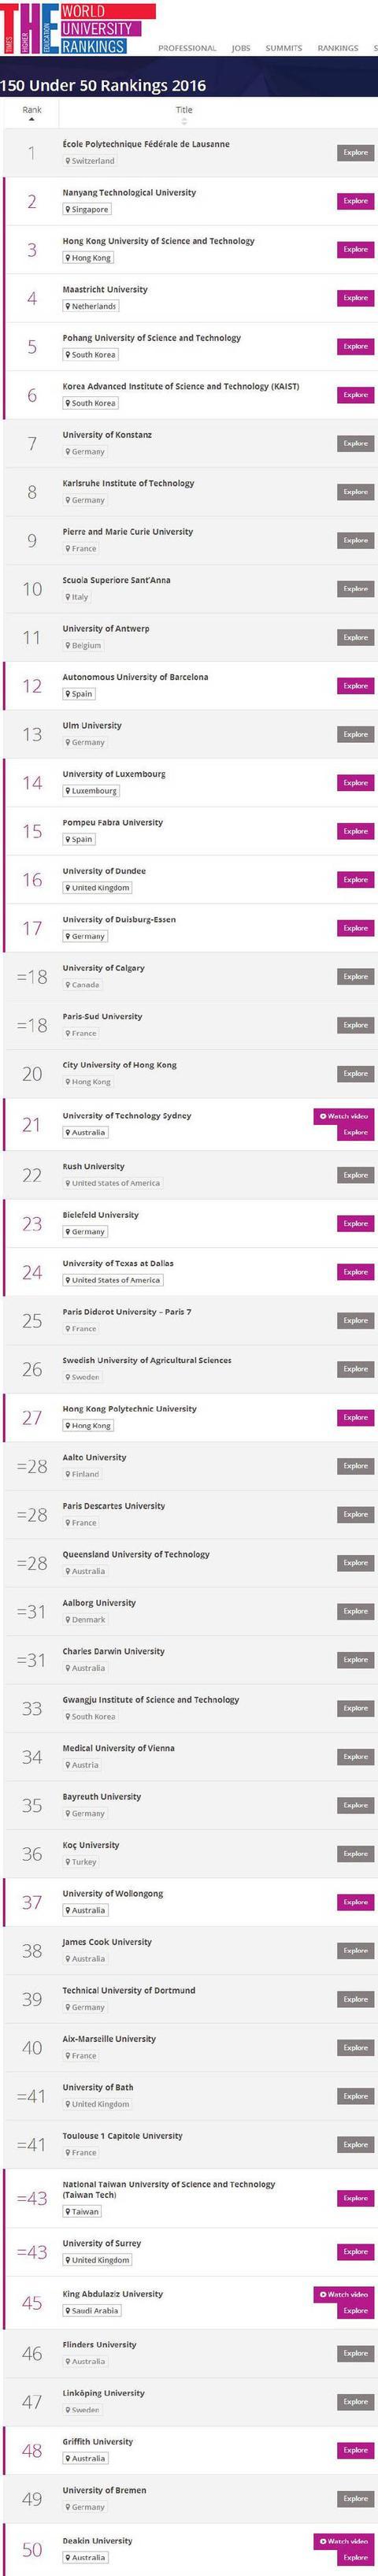 世界年轻大学排名